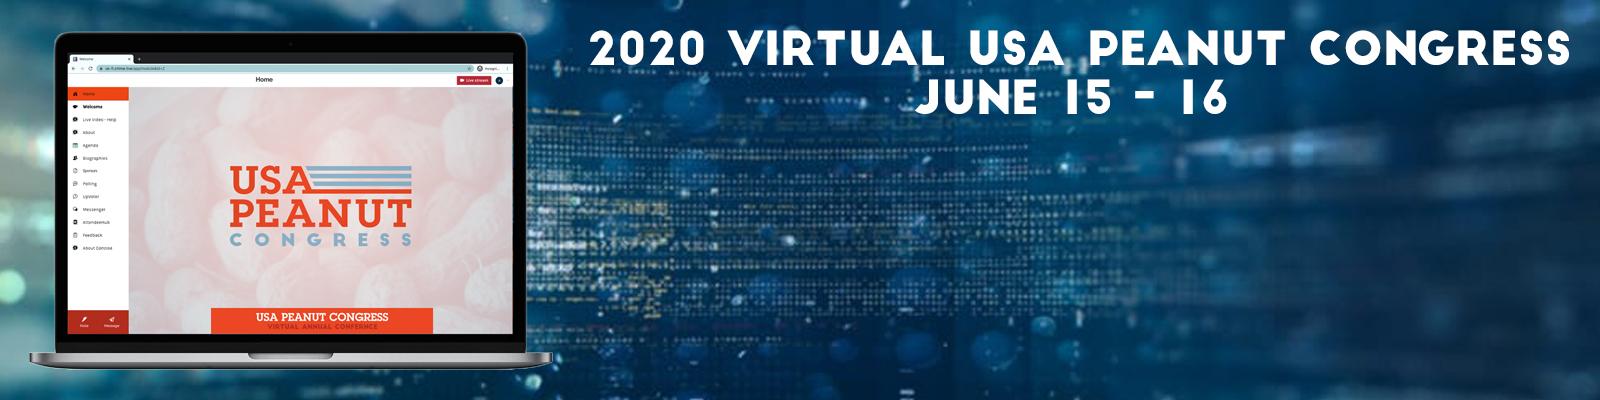 2020_Virtual_Congress_Layer_1